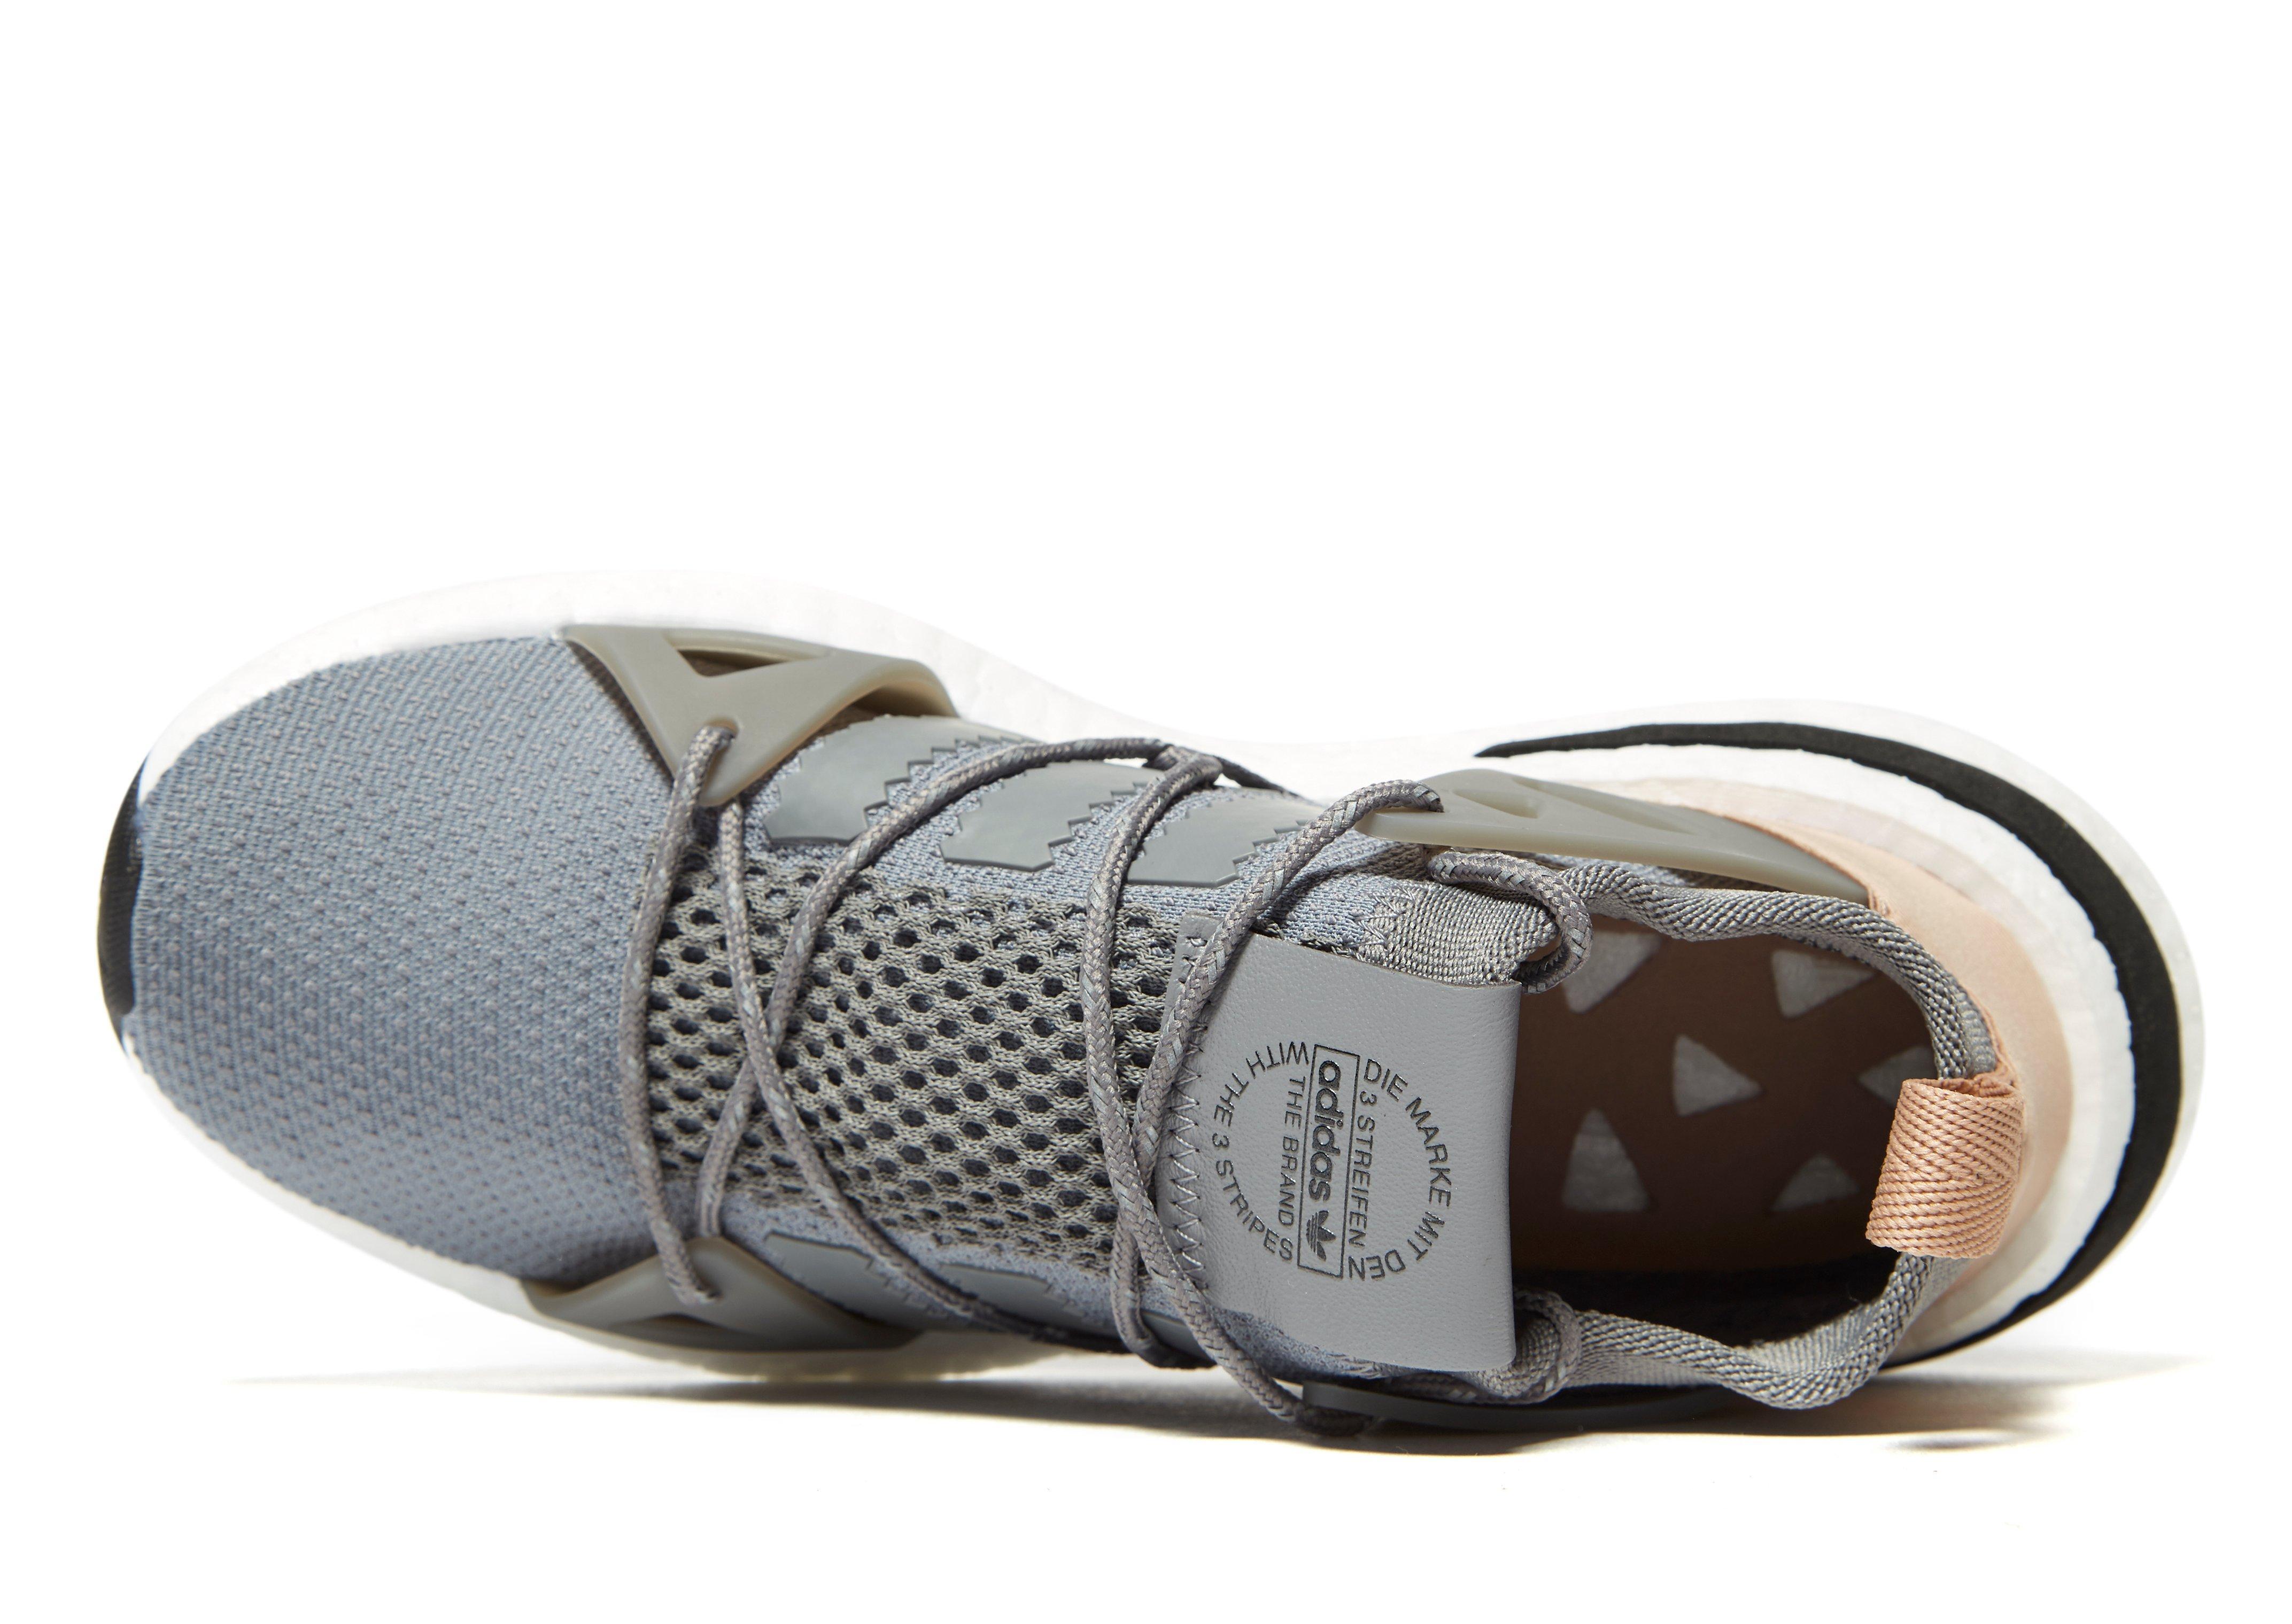 dea18746fb966 Adidas Die Marke Mit Den 3 Streifen The Brand Free Adidas Internship ...